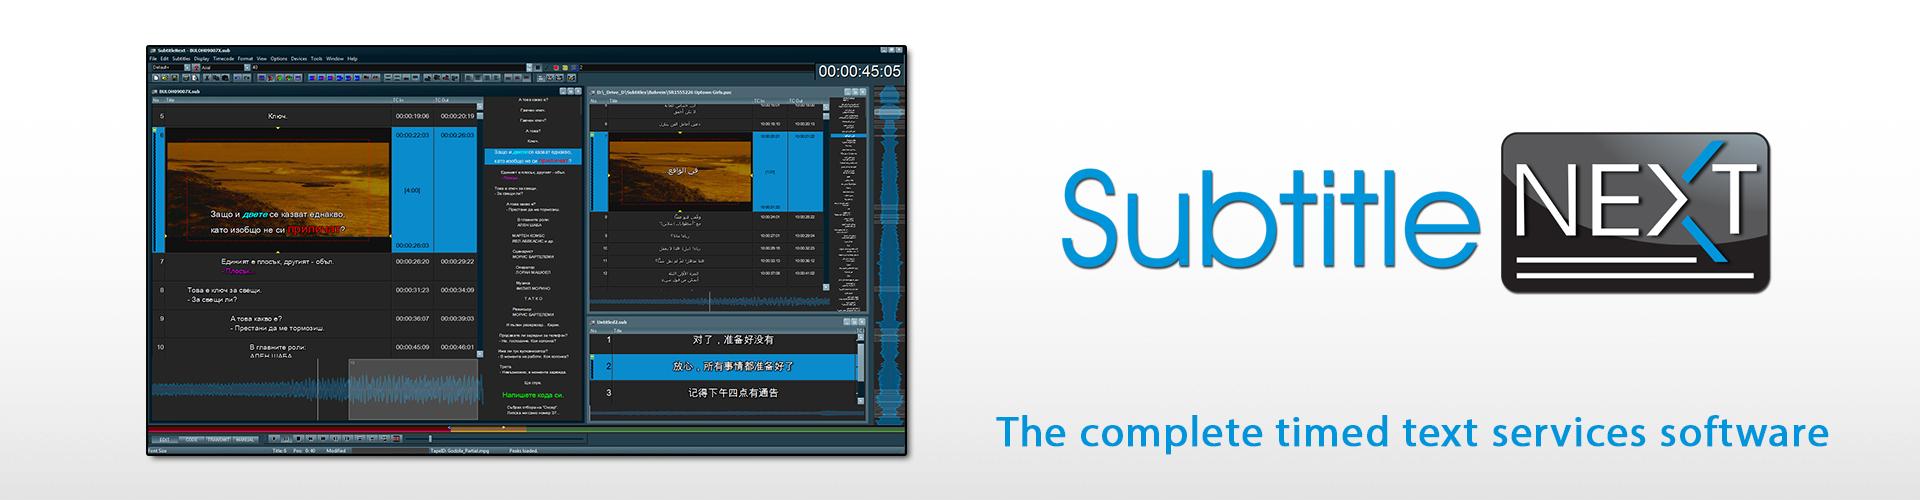 SubtitleNEXT banner-new